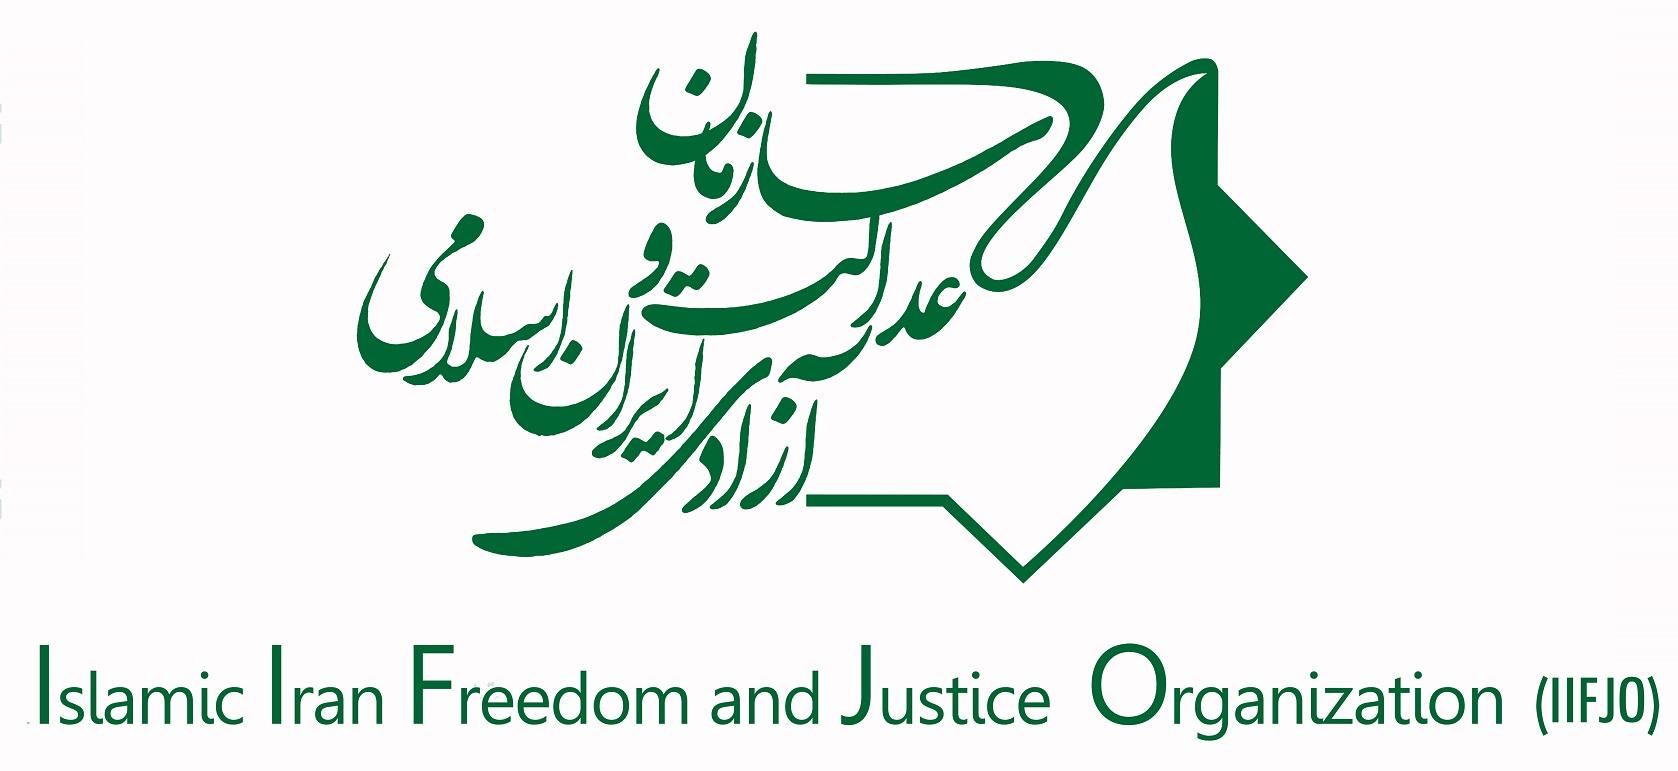 شورای مرکزی و دبیرکل سازمان عدالت و آزادی ایران اسلامی